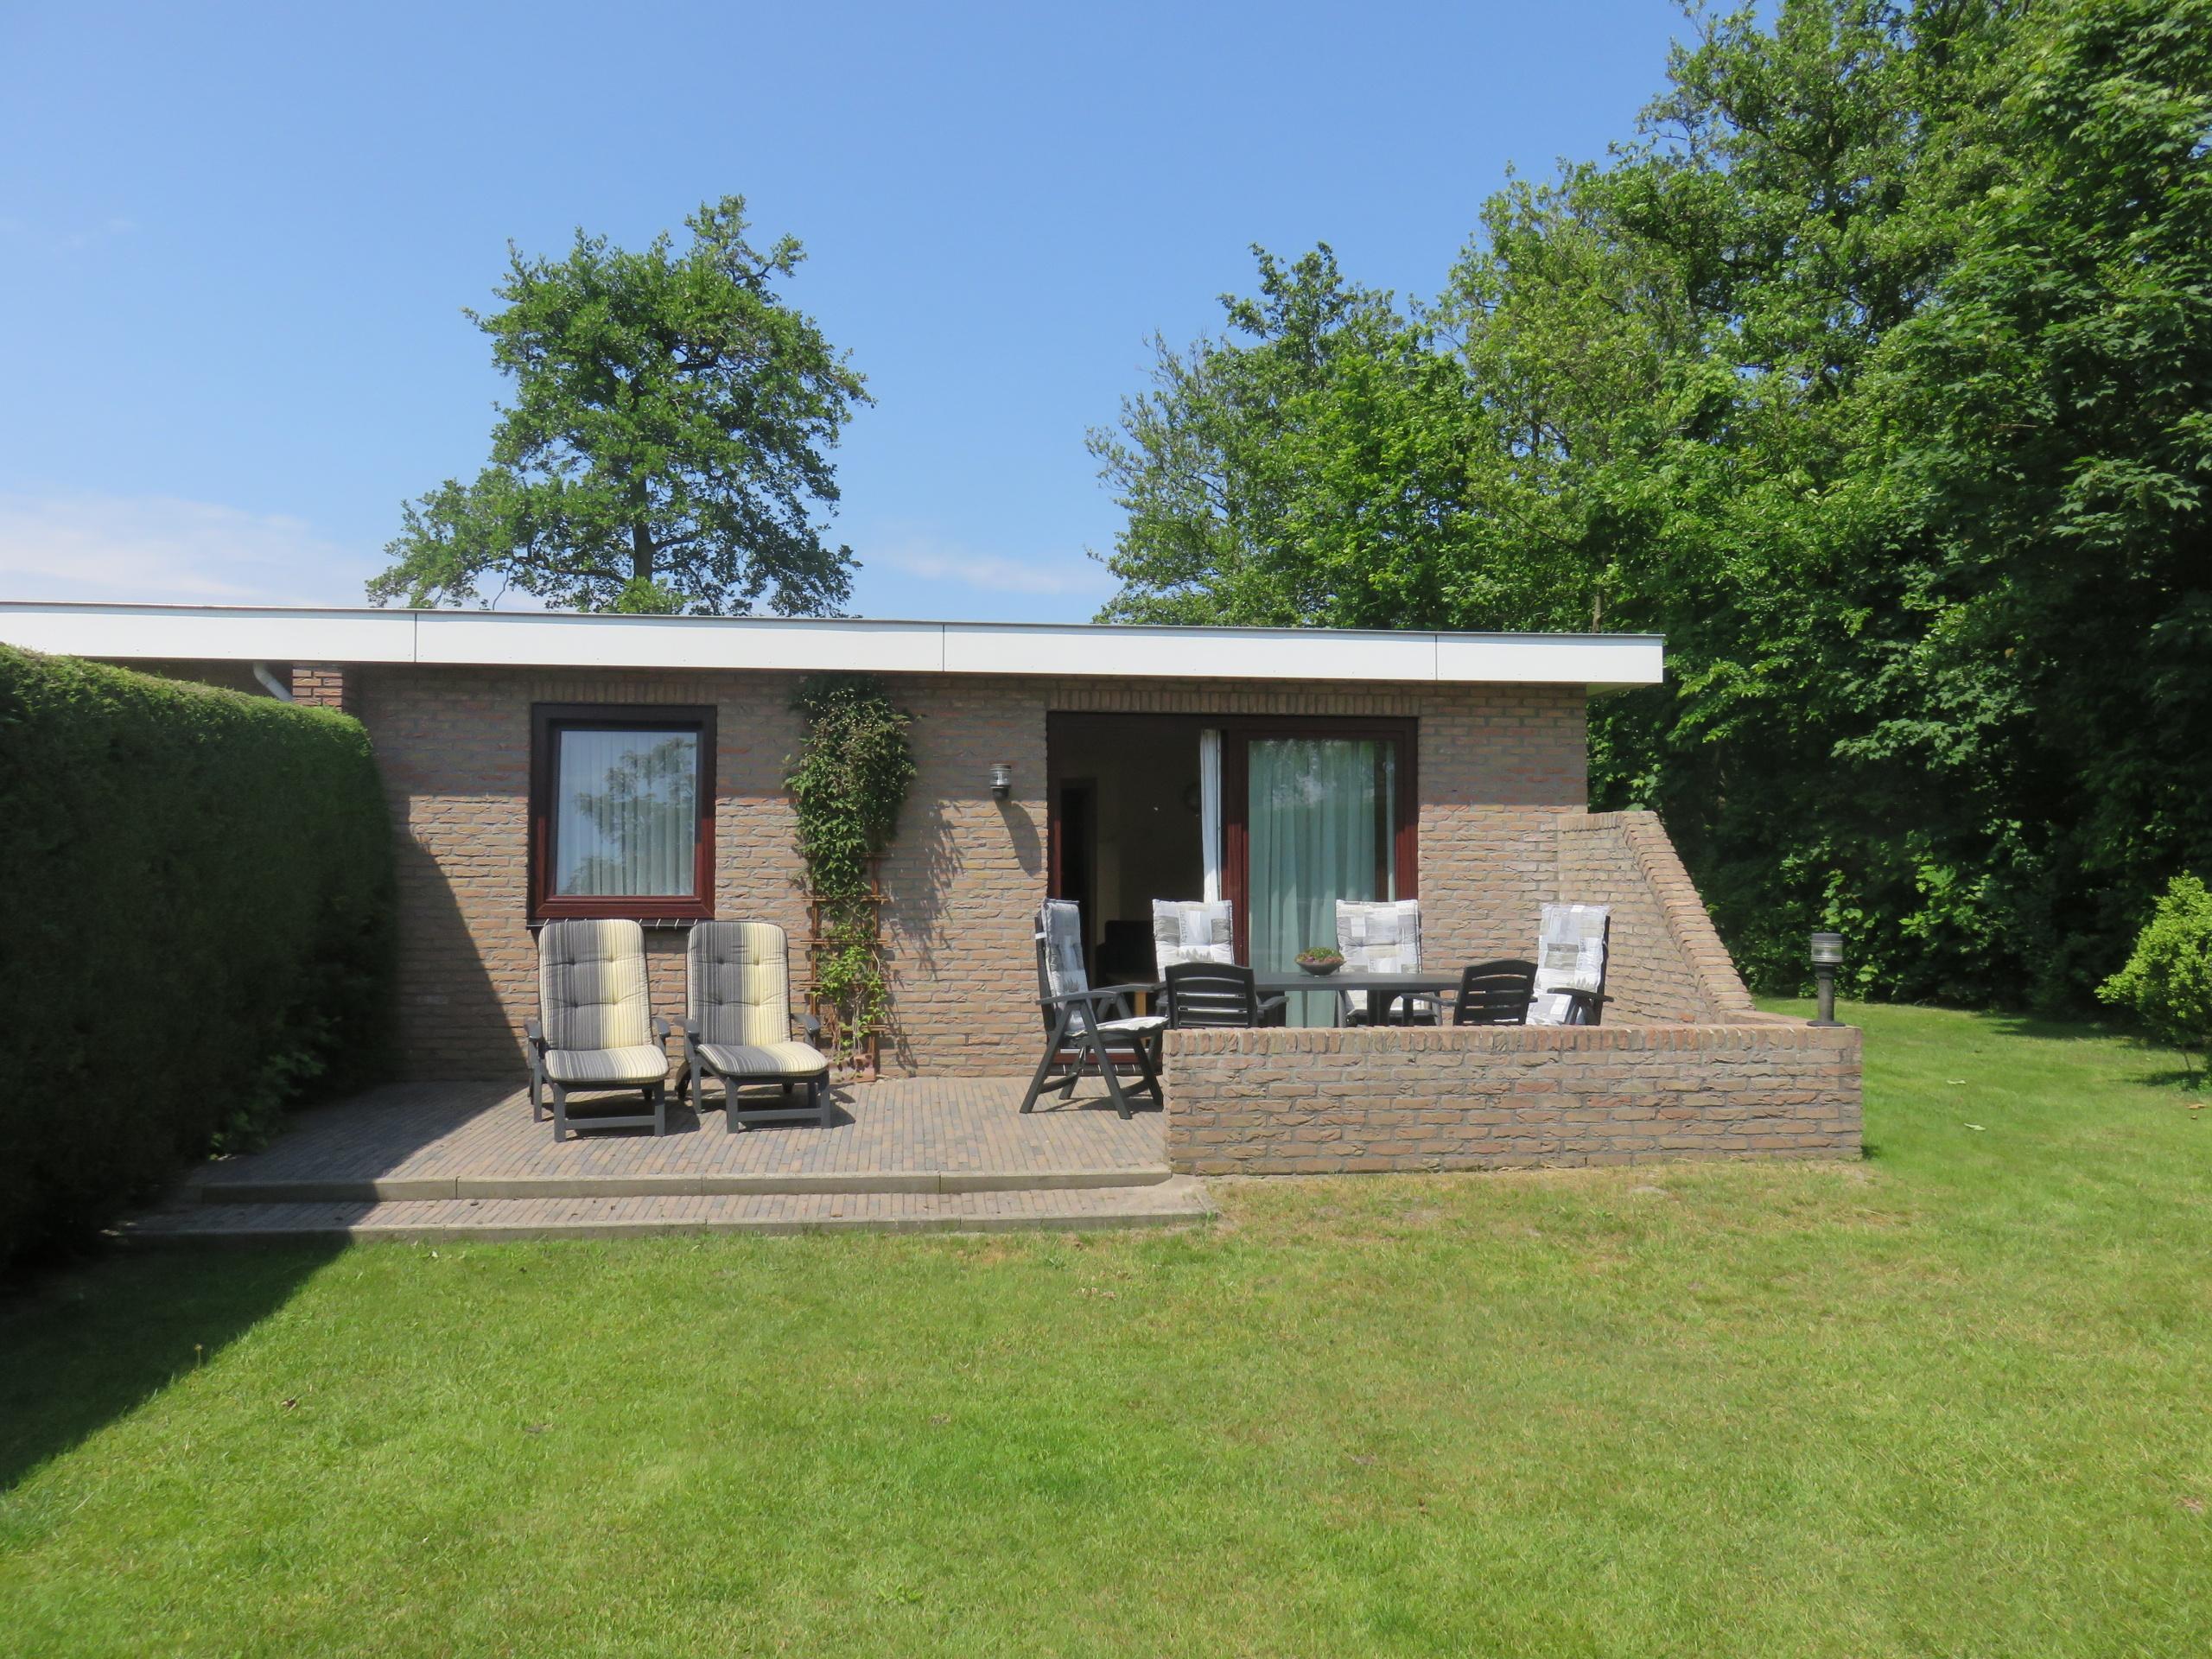 Zur Ruhe kommen in Ferienhaus mit sonnigem Garten beim Wald De Dennen